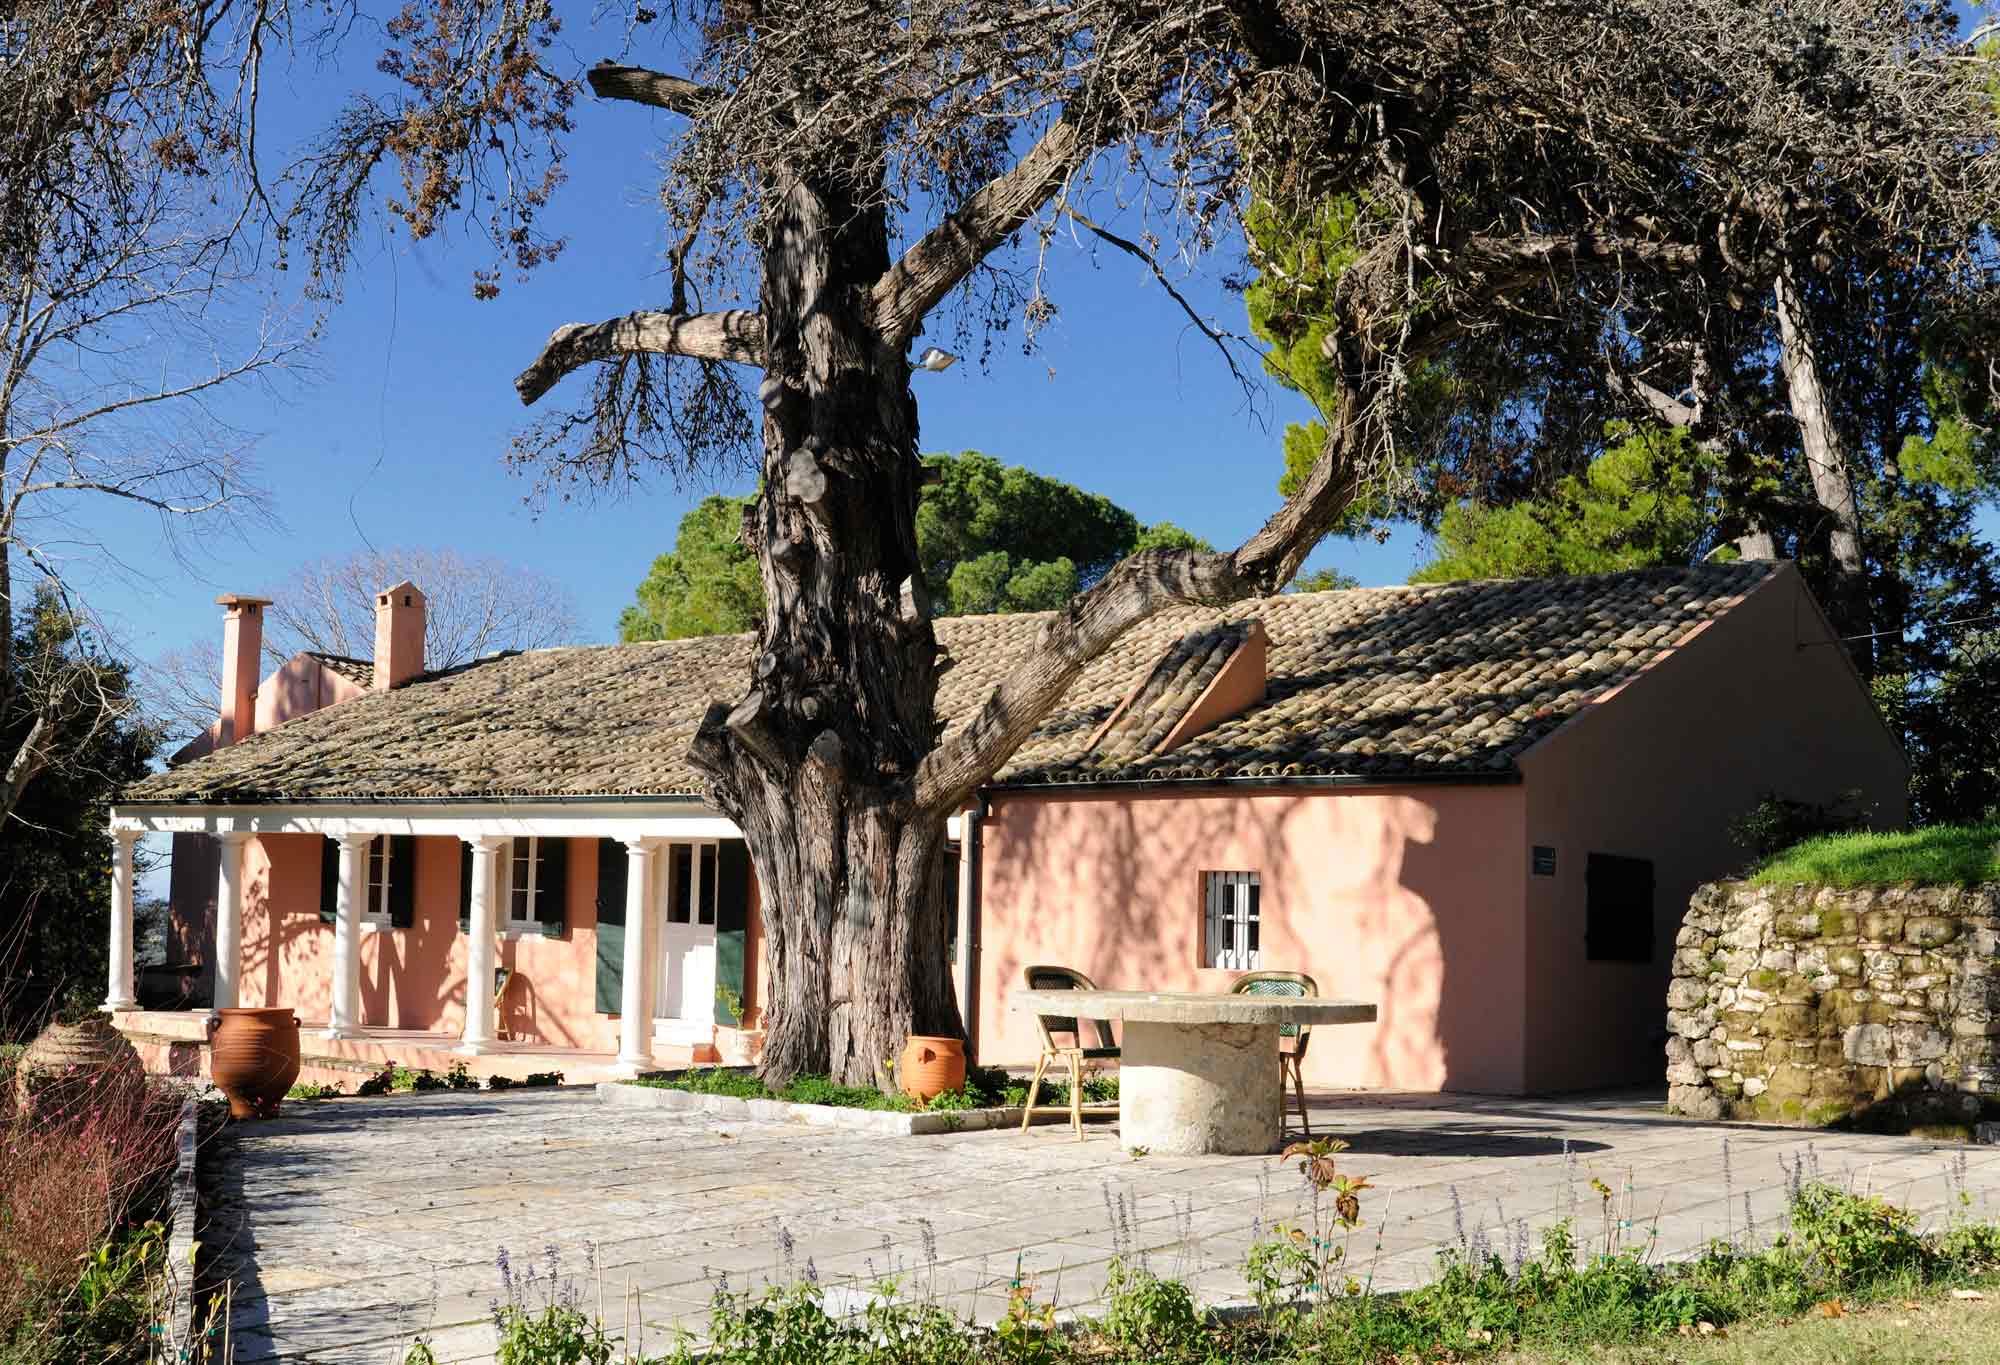 Ο κήπος και το κτήριο της Κουκουρίτσας - Μουσείο Καποδίστρια - © Θάλεια Κυμπάρη